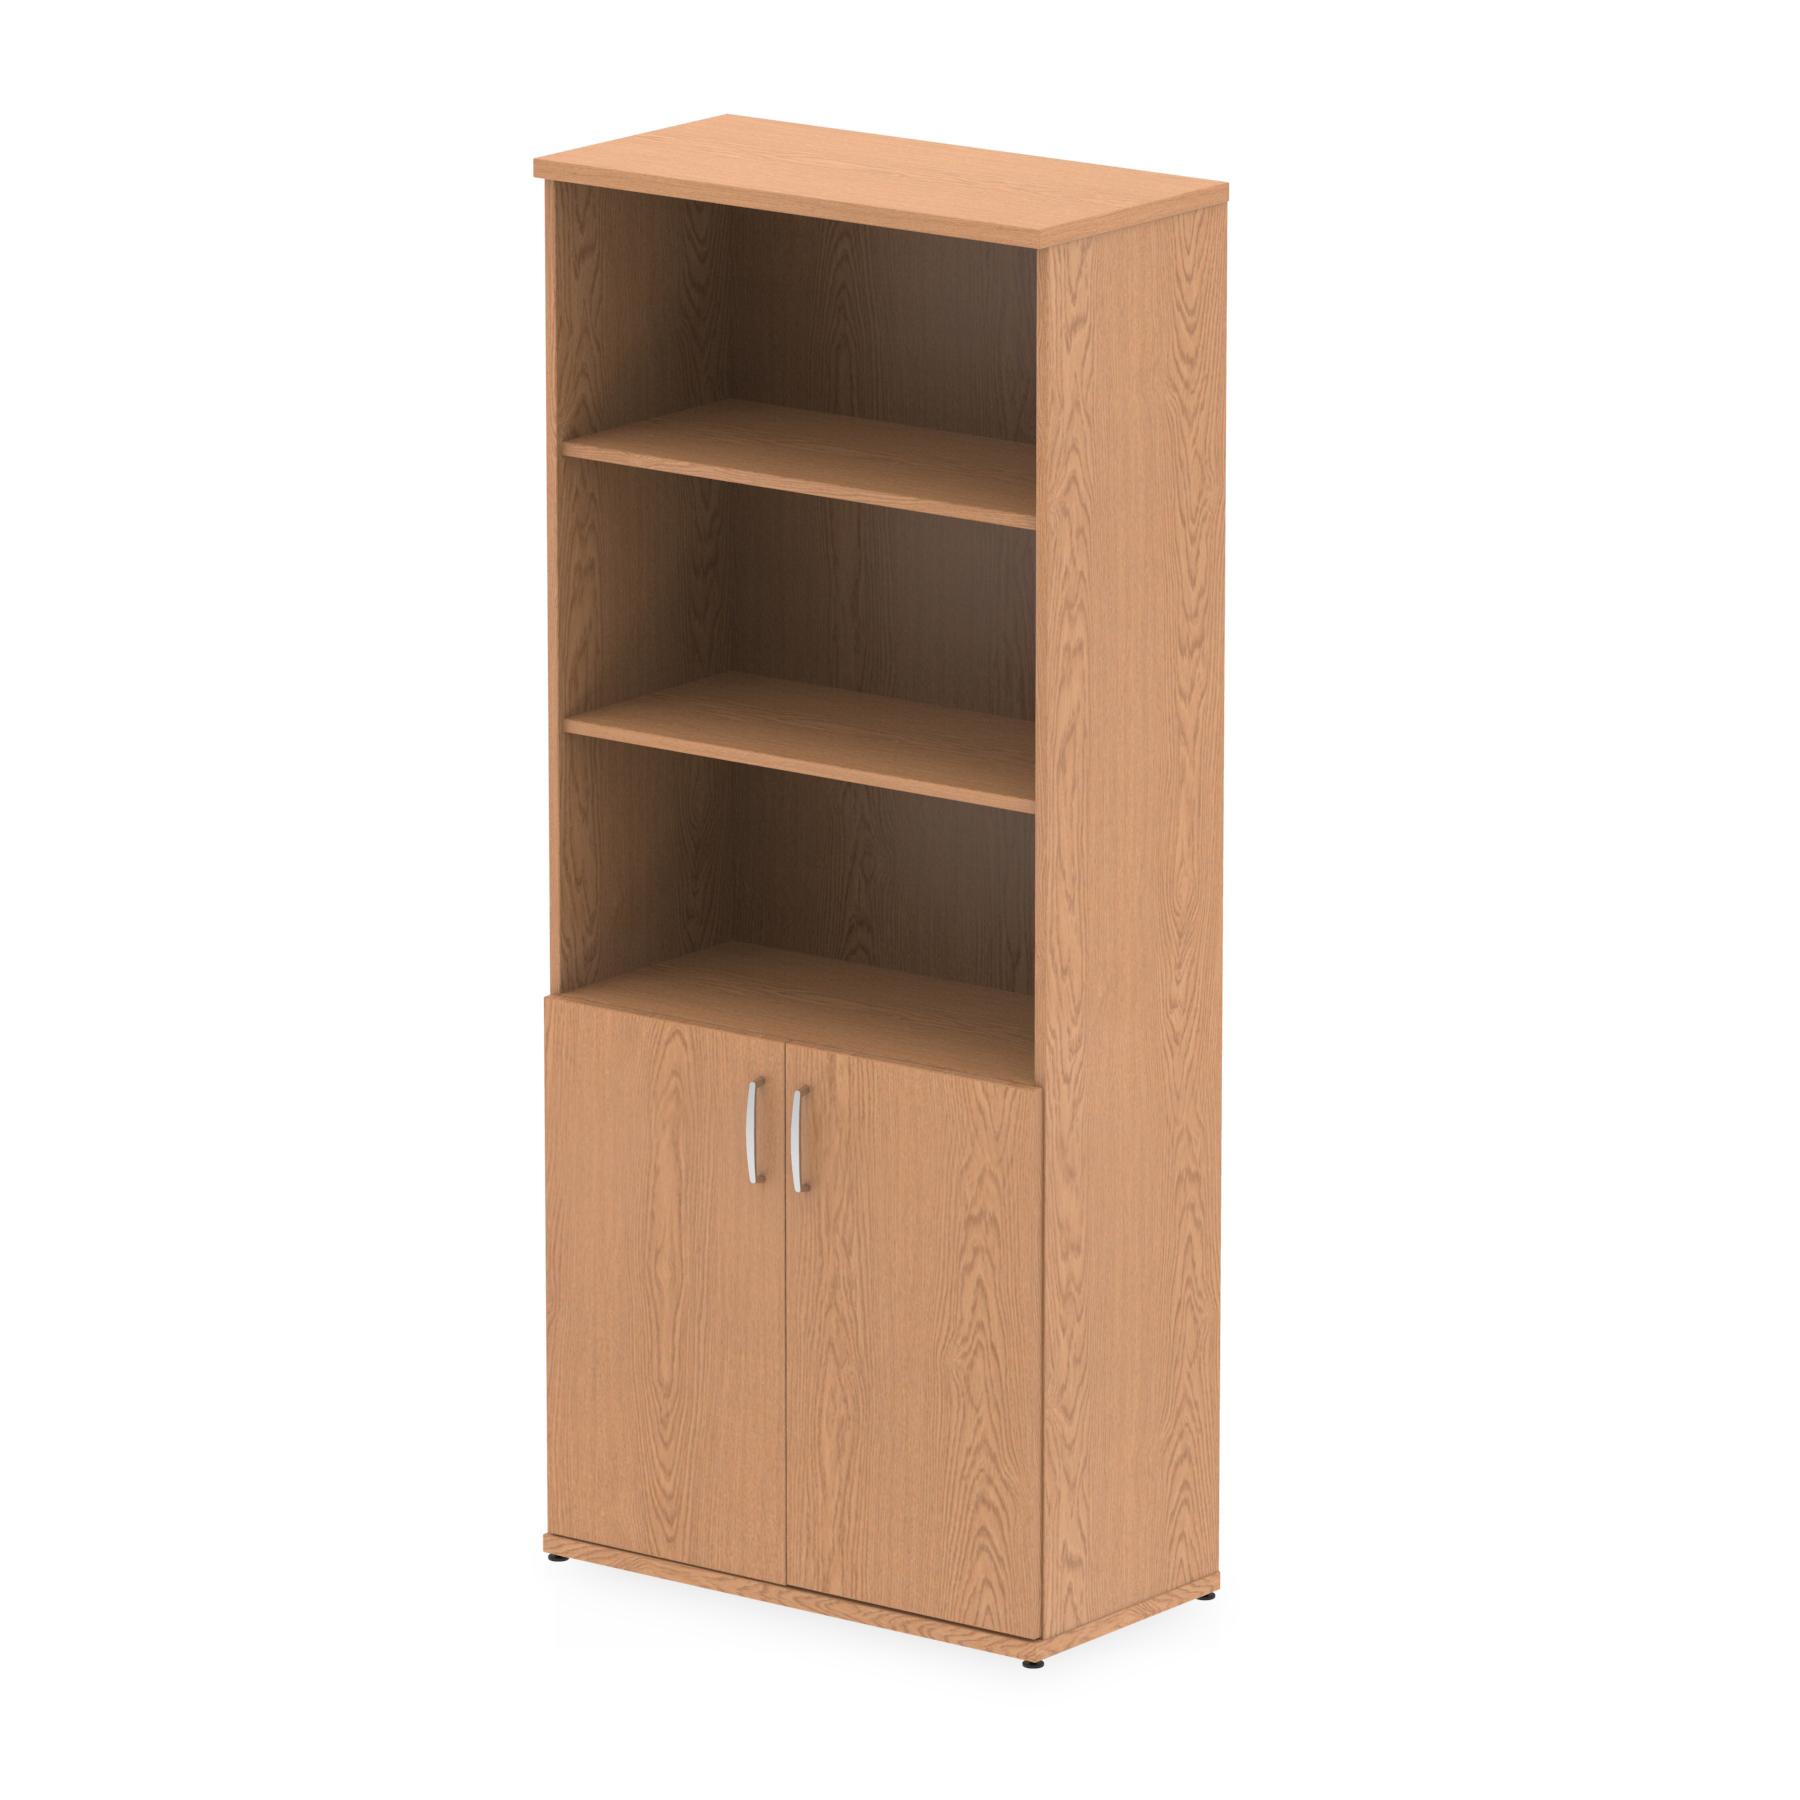 Storage cabinets Trexus Cupboard Open Shelves 2000x800x400mm Oak Ref I000755